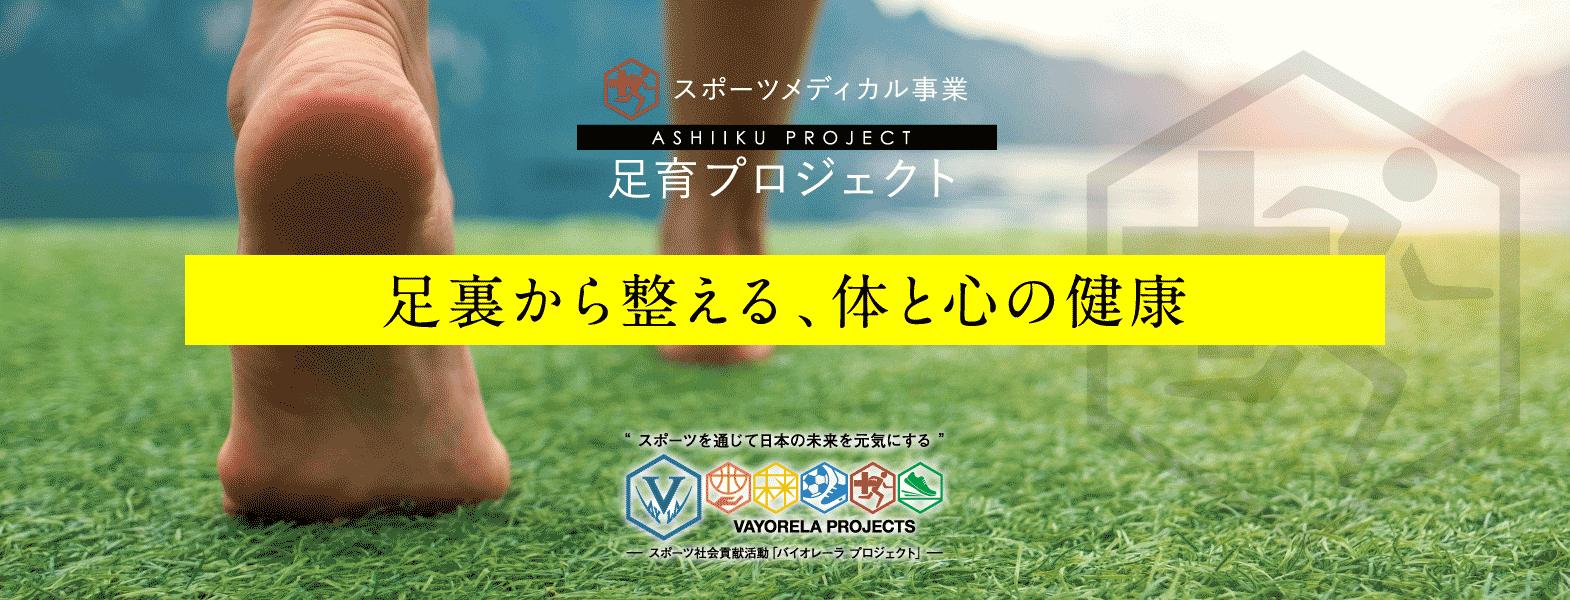 足育プロジェクト 足裏から整える、体と心の健康